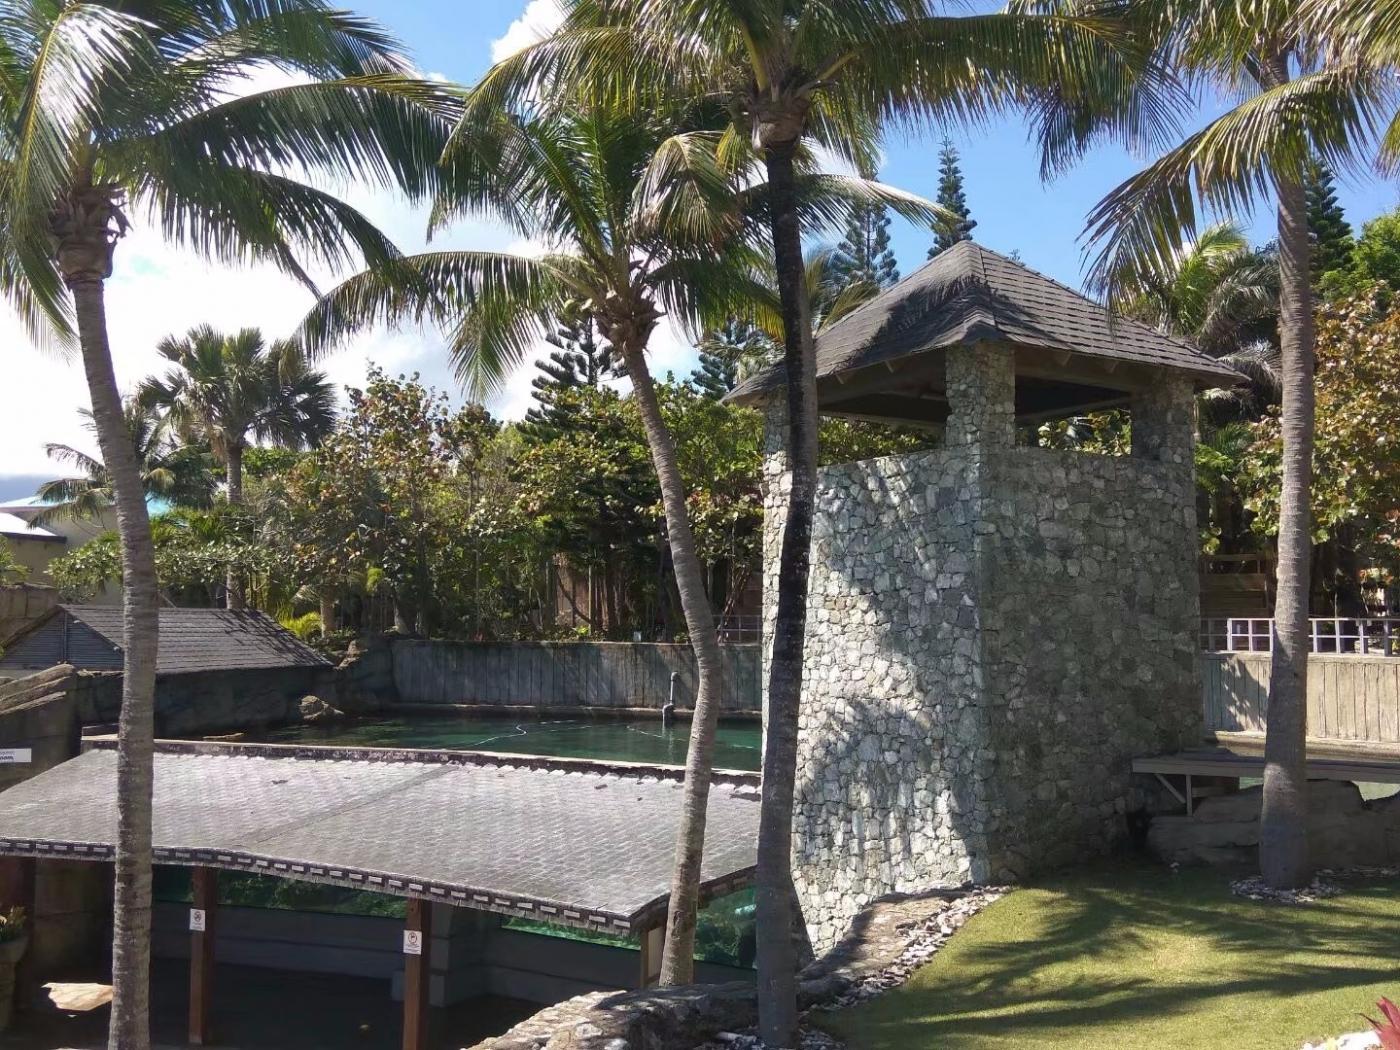 多米尼加有个琥珀湾(图)_图1-16